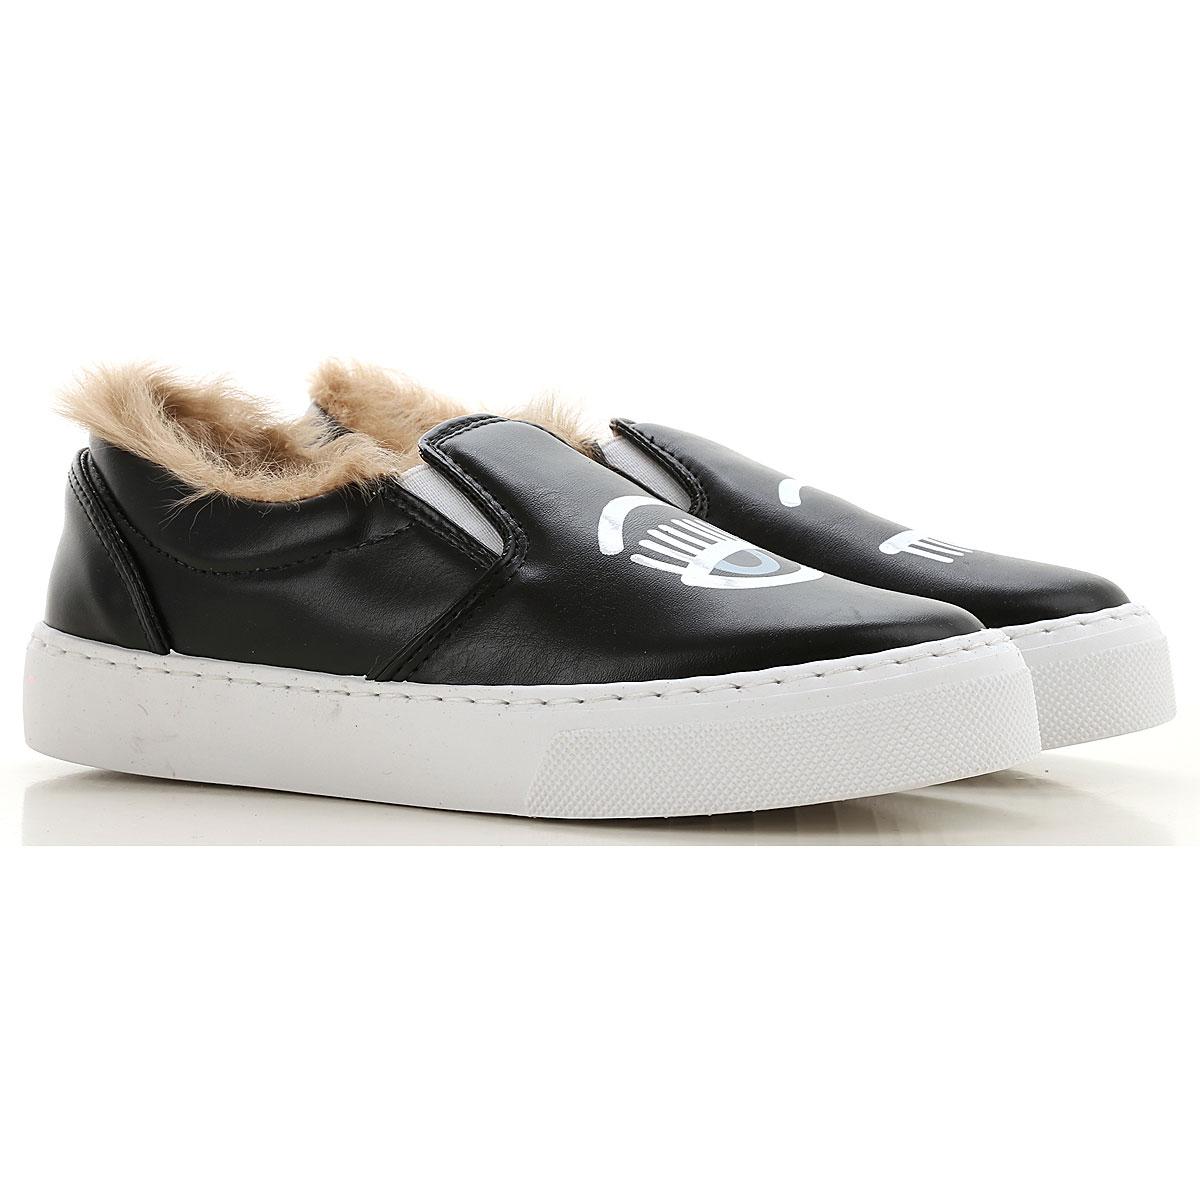 Chiara Ferragni Slip on Sneakers for Women On Sale in Outlet, Black, Leather, 2019, 6 7